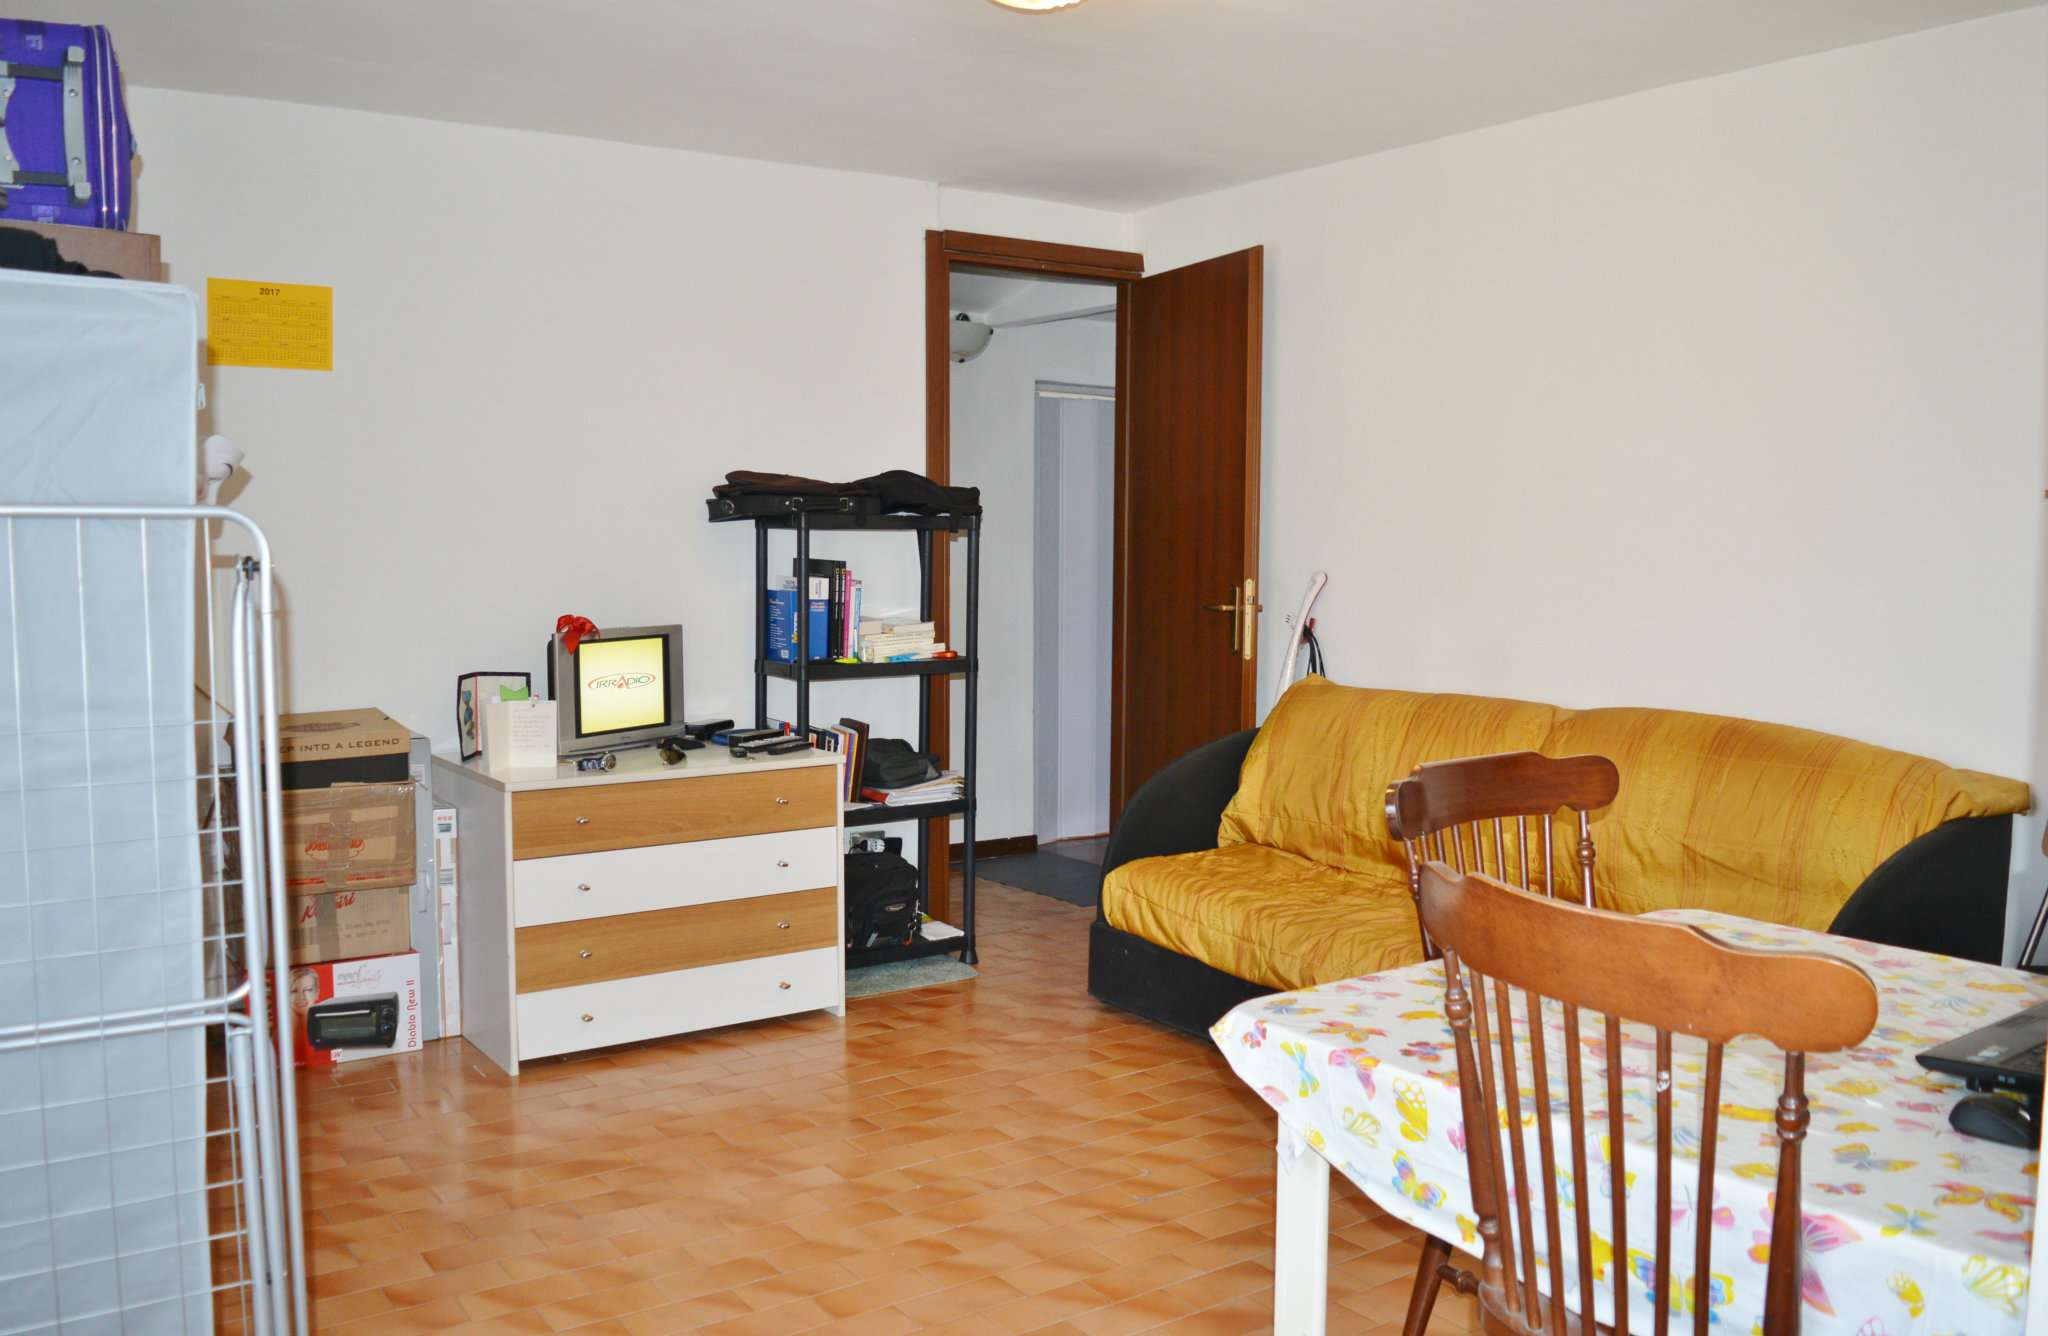 Appartamento in vendita a Pero, 2 locali, prezzo € 75.000 | CambioCasa.it